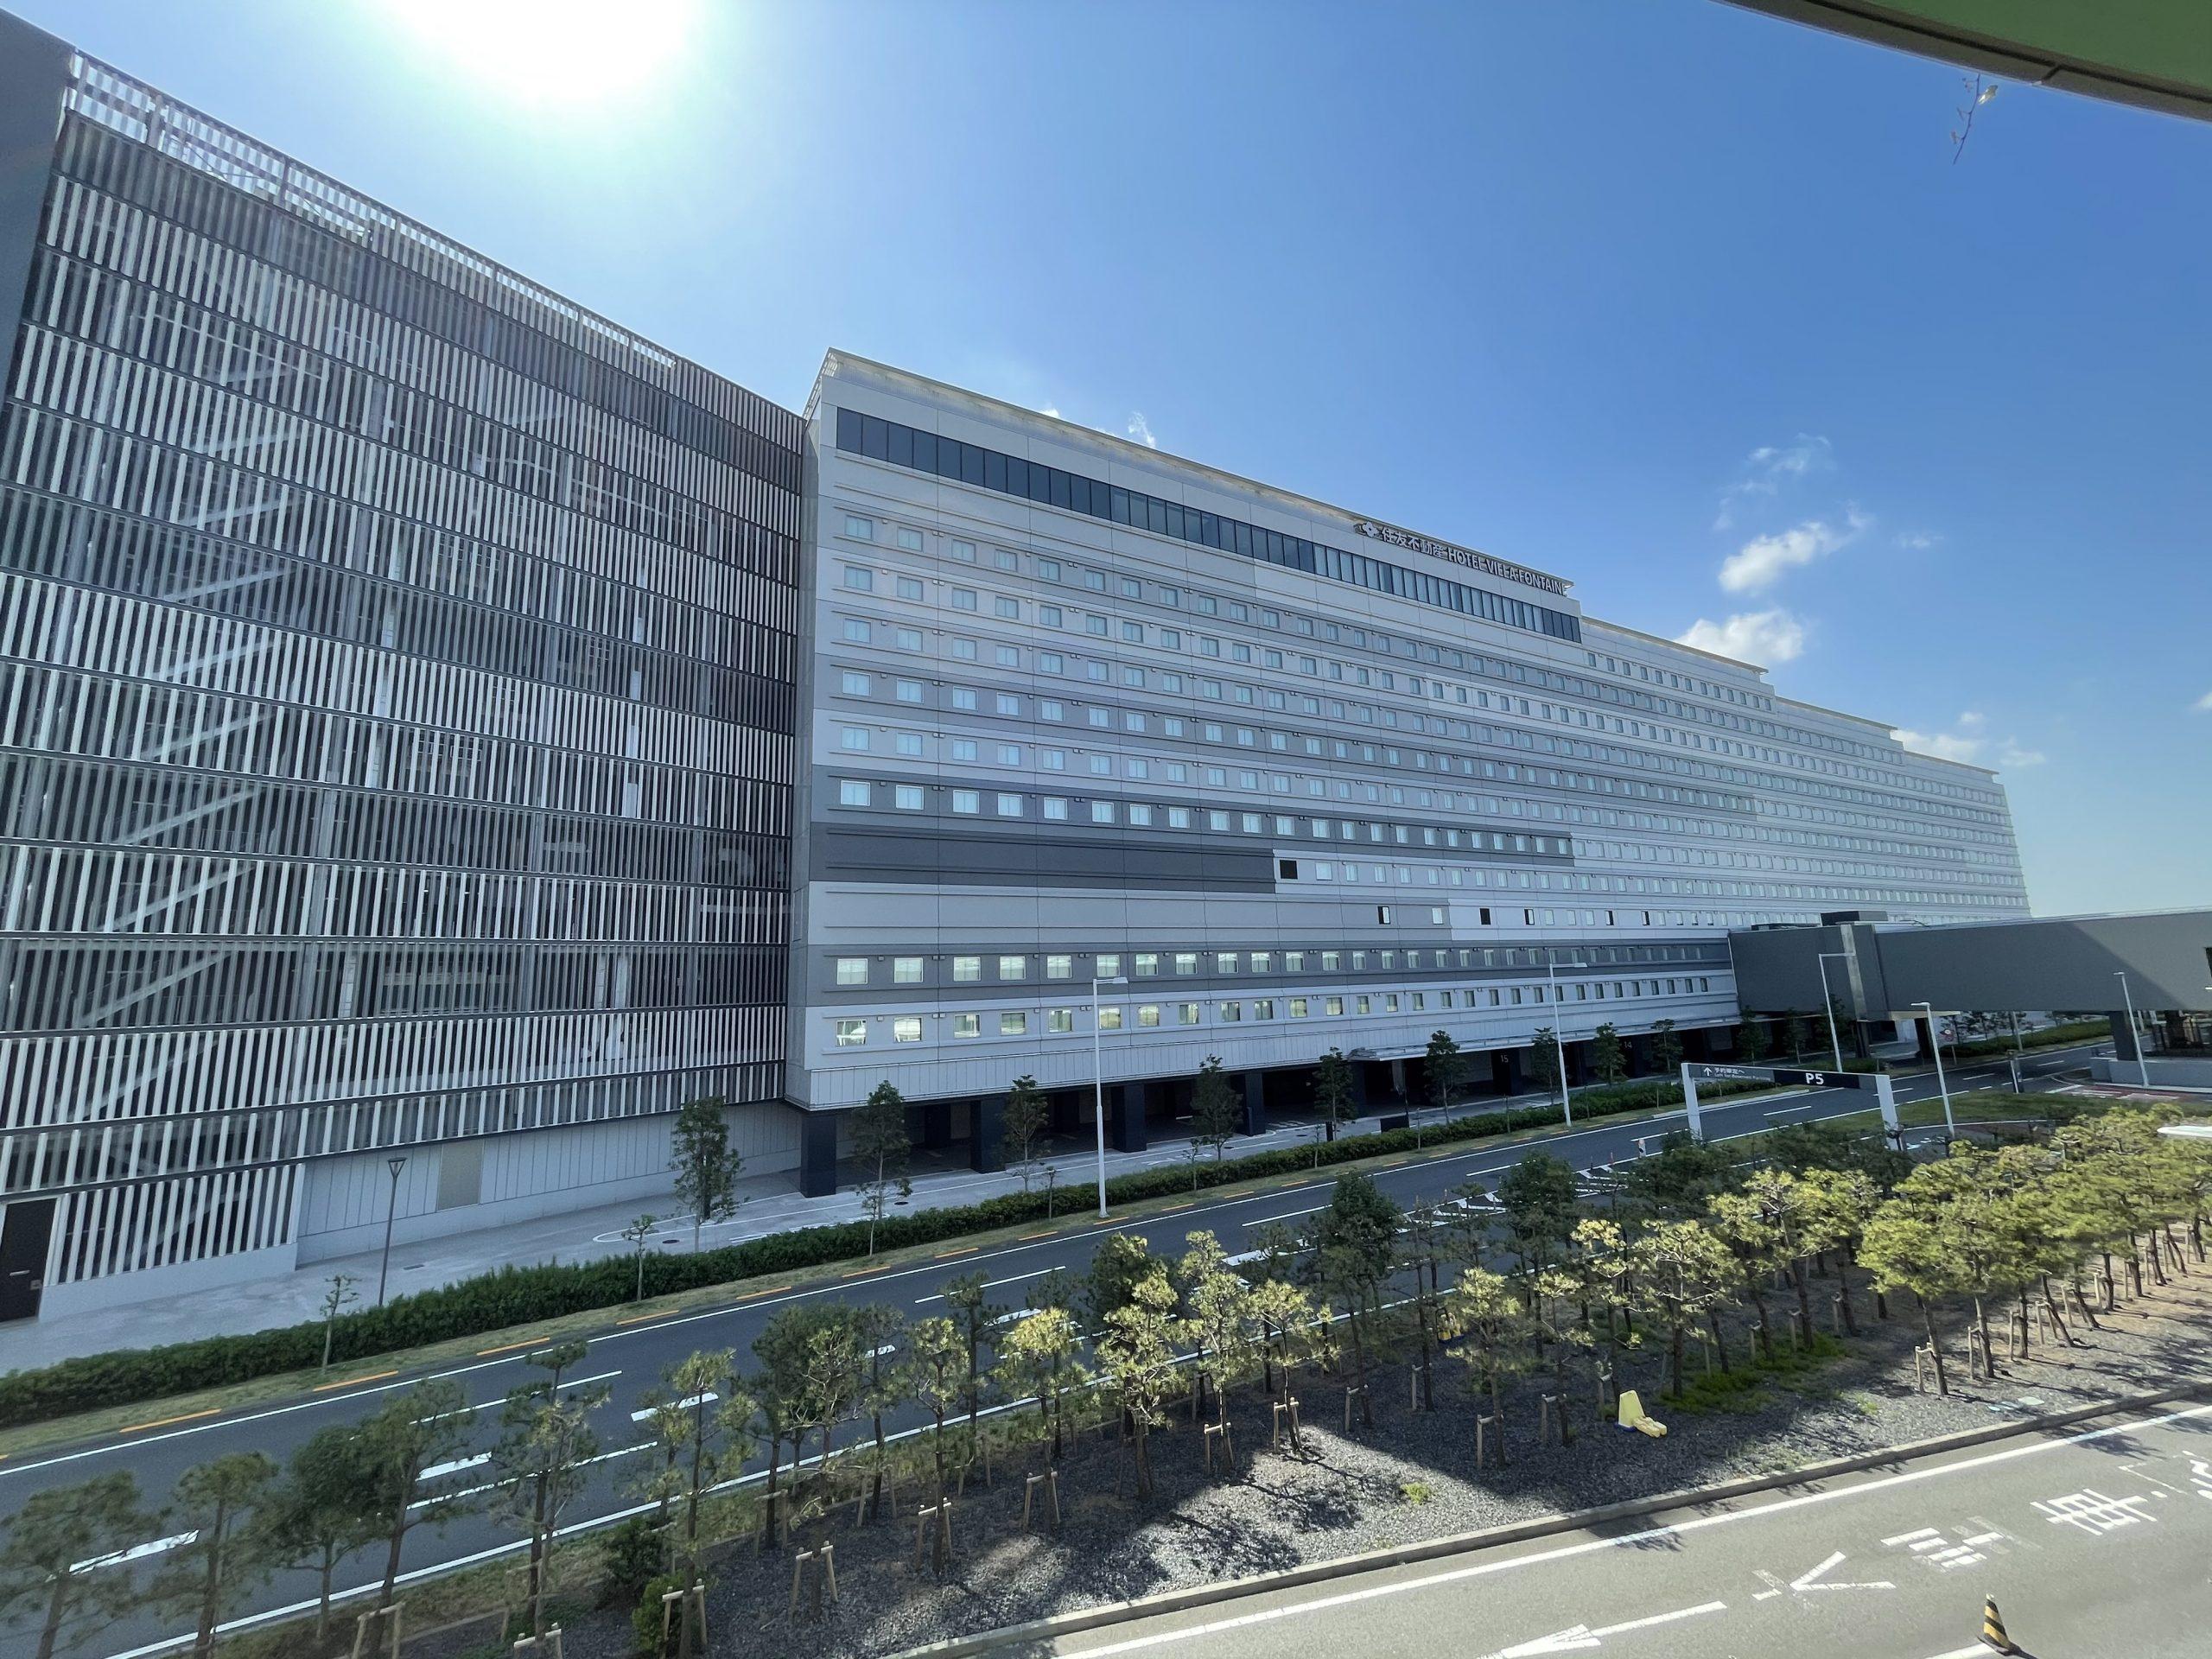 デッキがわかる。羽田空港から見た!羽田エアポートガーデンとヴィラフォンティーヌ!